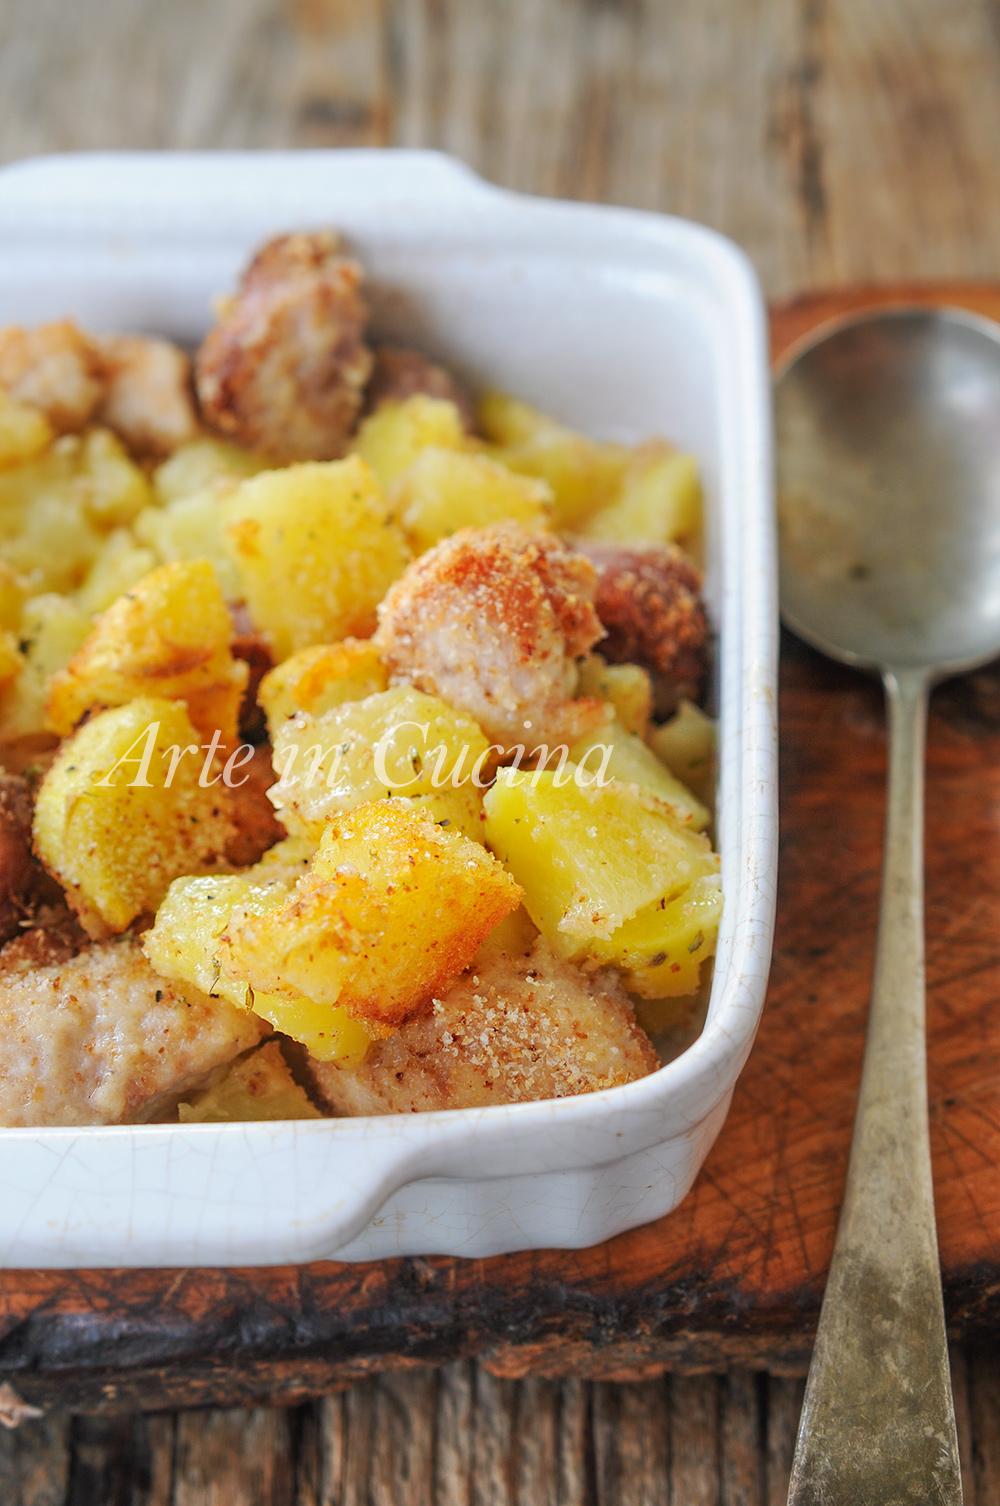 Bocconcini di pollo e patate con salsiccia al forno for Cucinare salsiccia